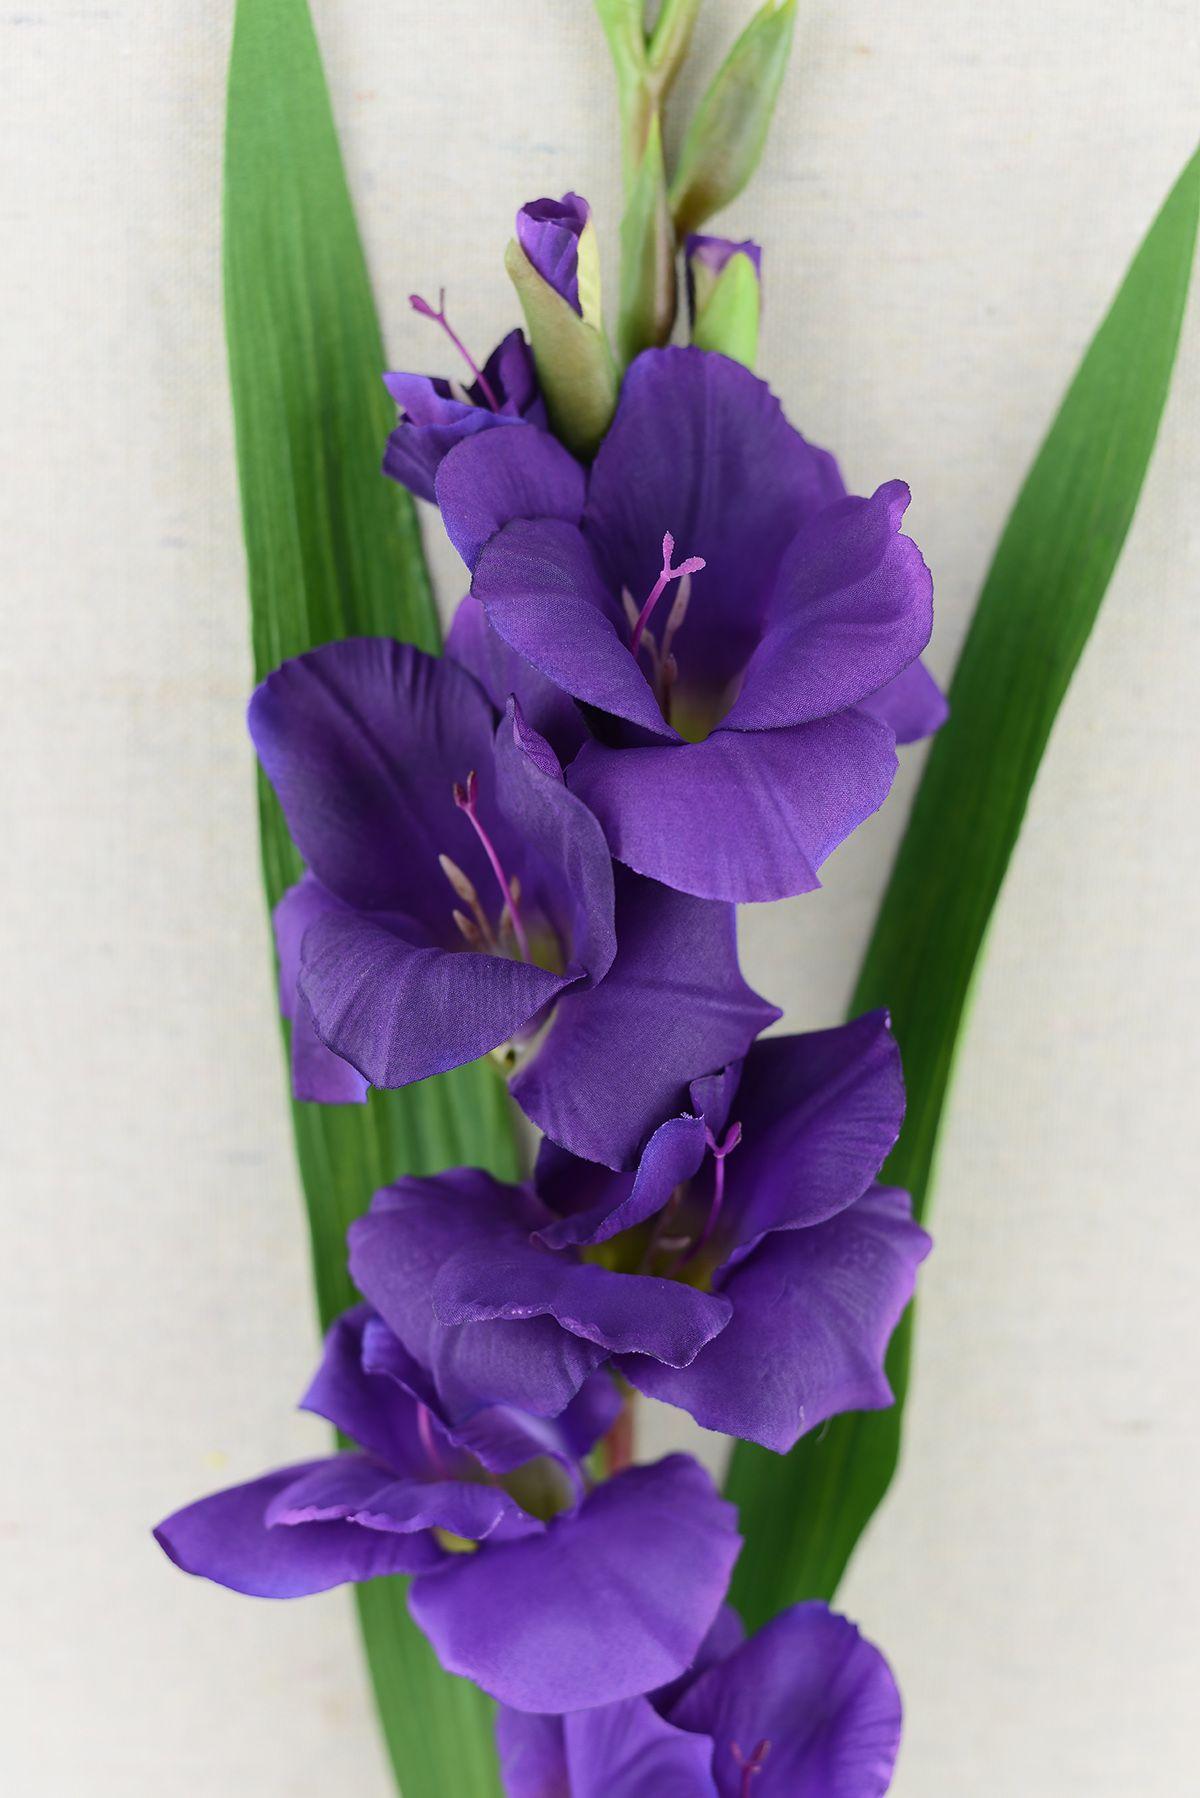 Gladiolus Flower Purple 33in Gladiolus Flower Elephant Ear